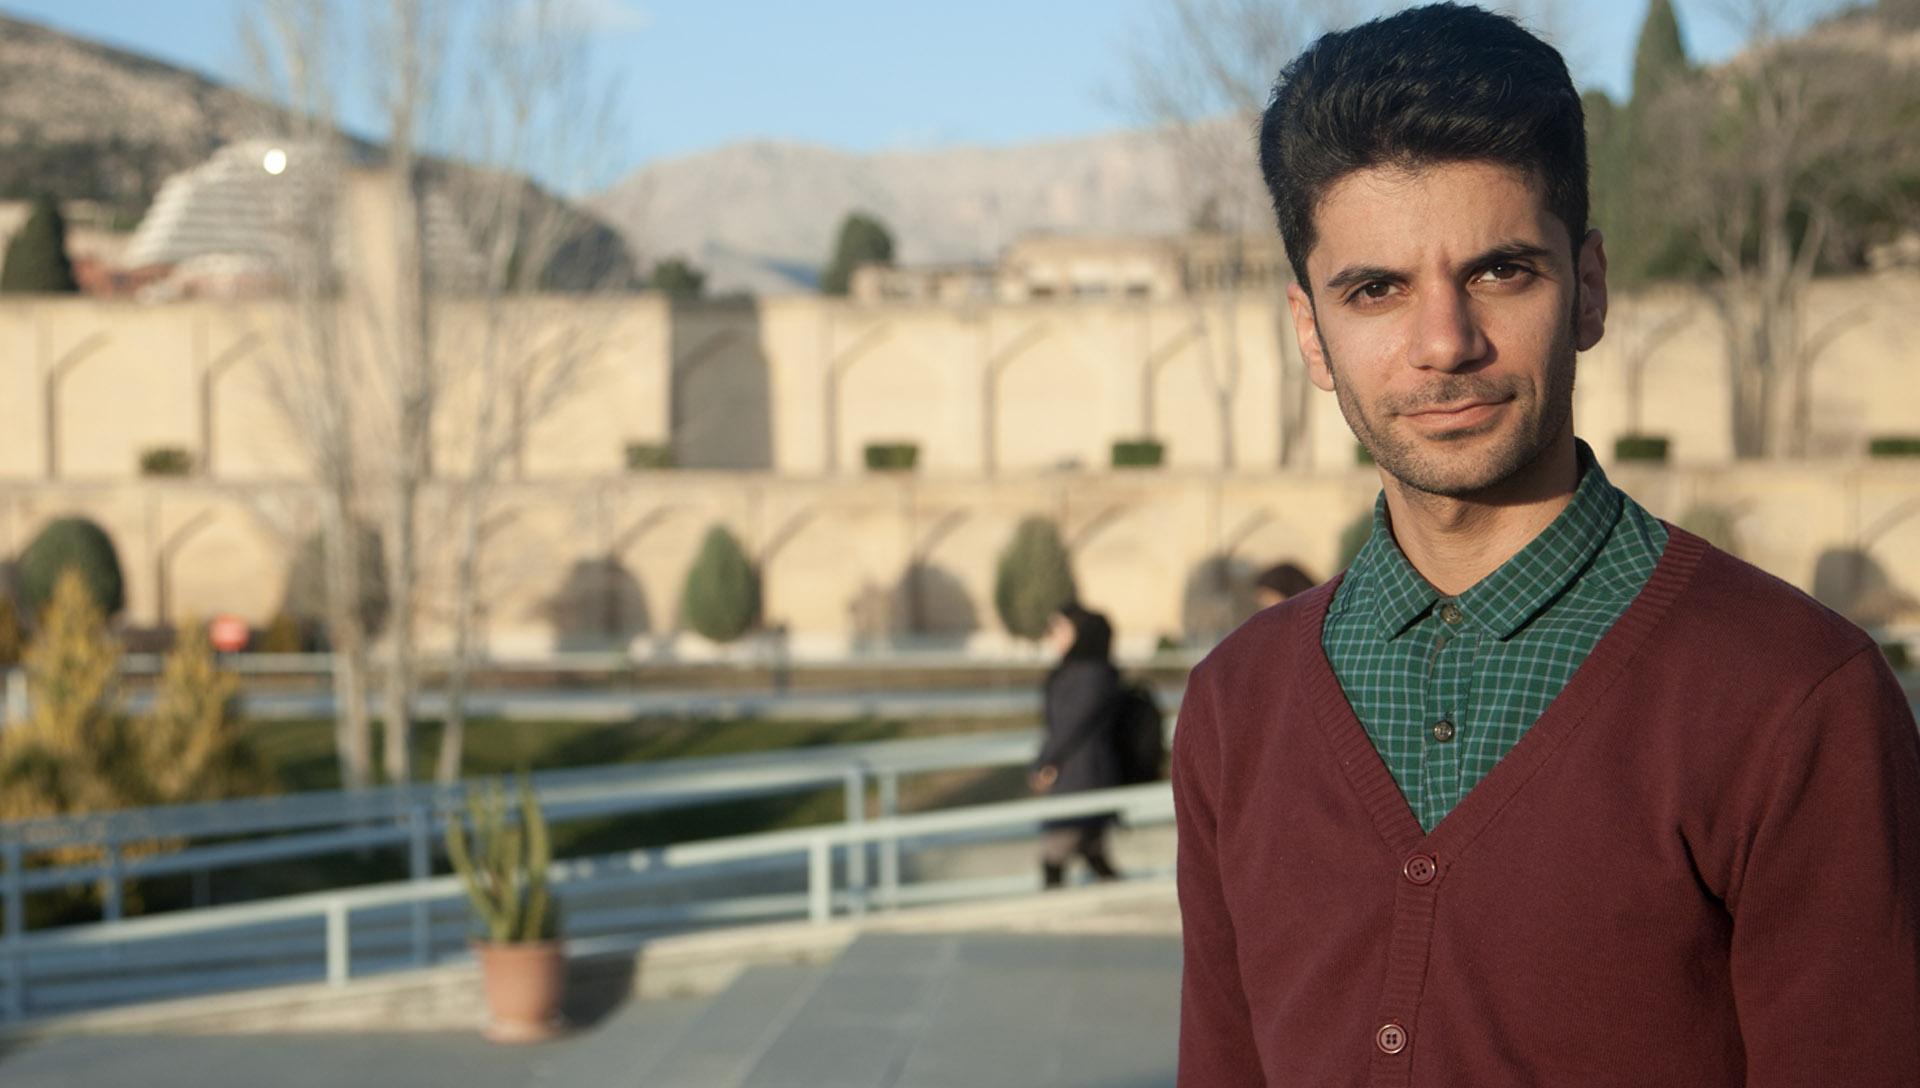 داوود خرد- شرکت فیلم سازی زوم شیراز برادران شریفی43